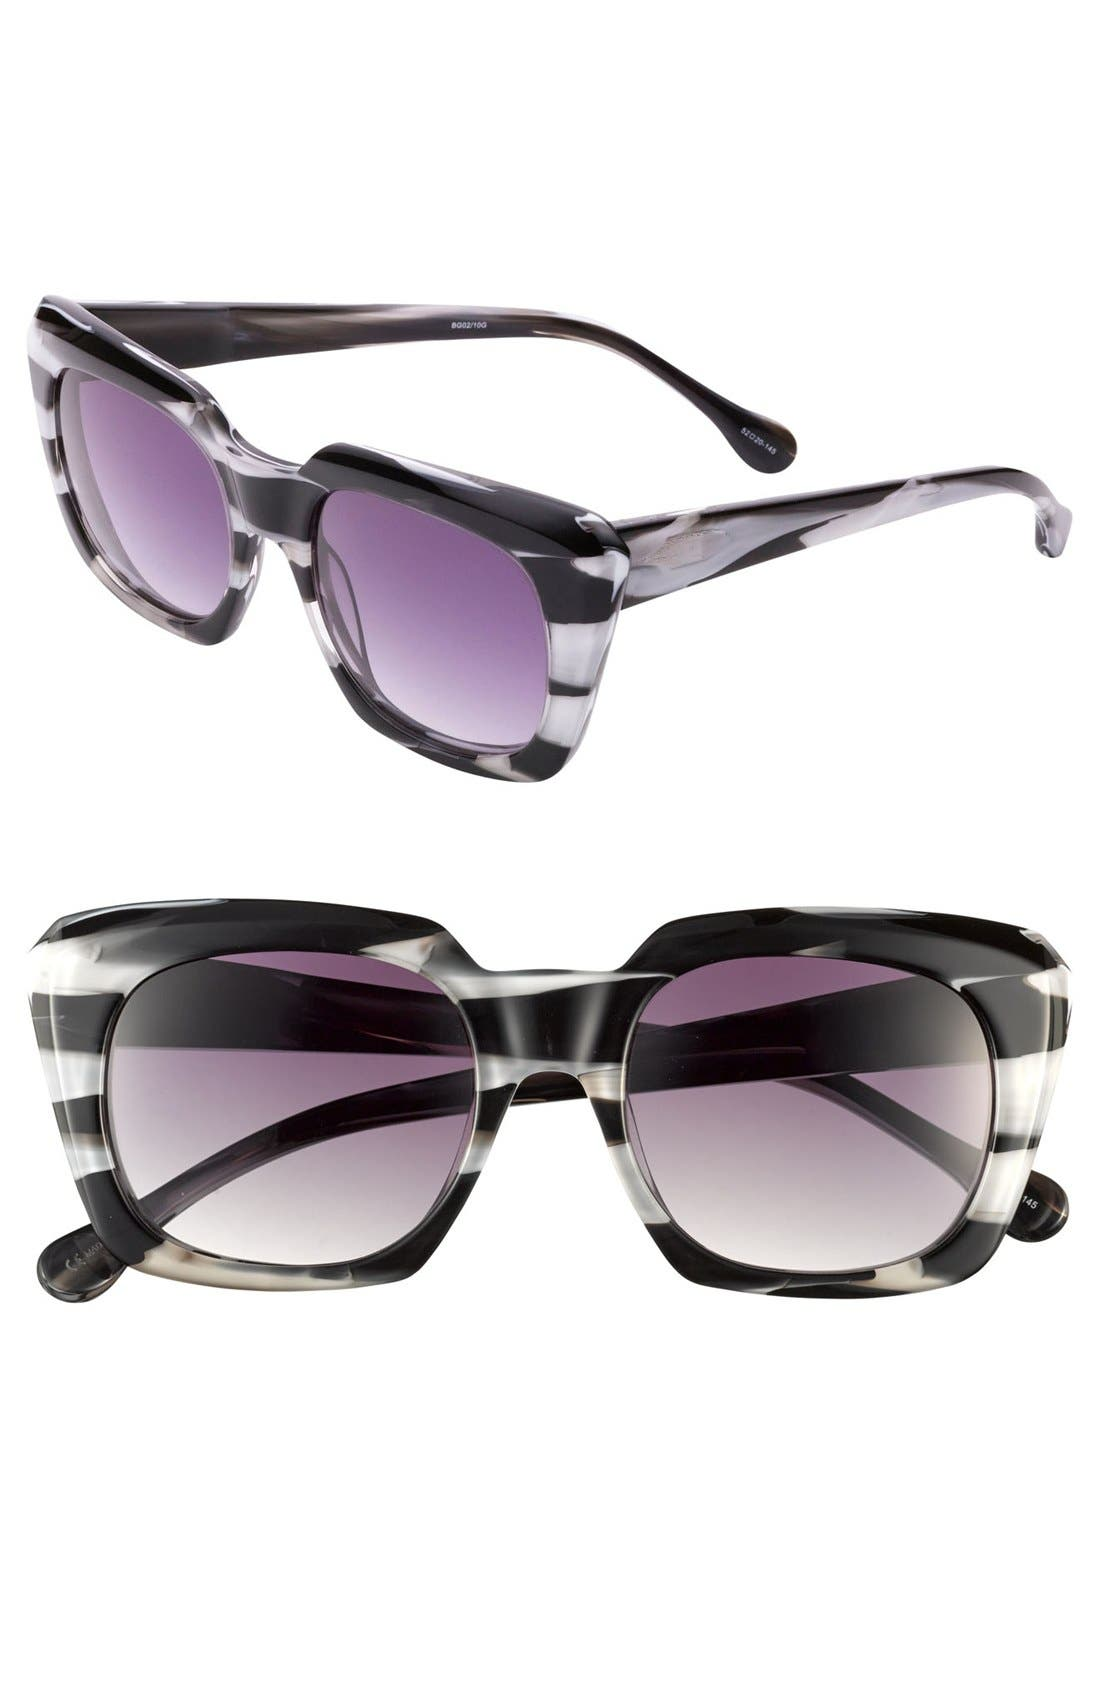 Alternate Image 1 Selected - Elizabeth and James 'Roosevelt' 52mm Sunglasses (Nordstrom Online Exclusive)